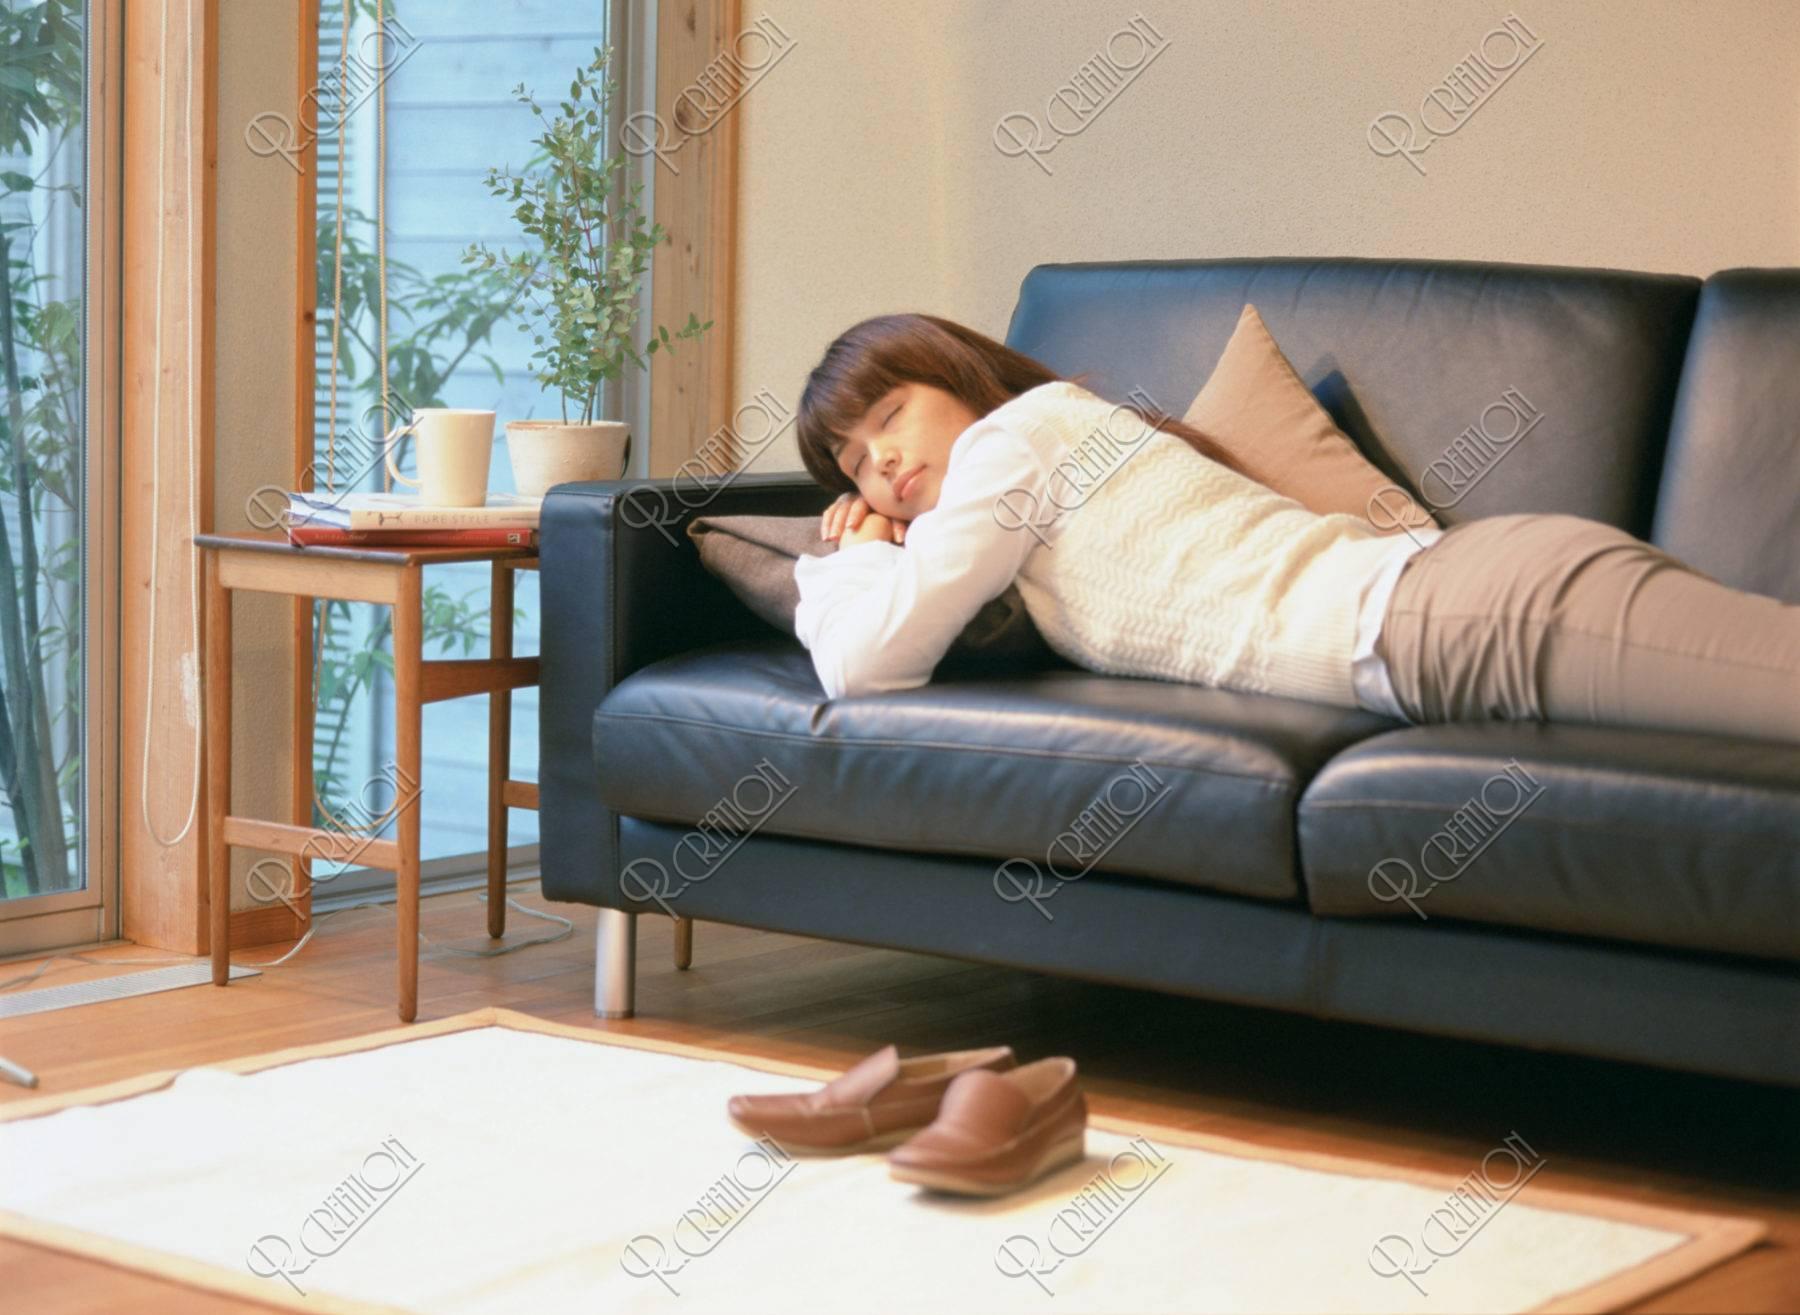 ソファで眠る女性